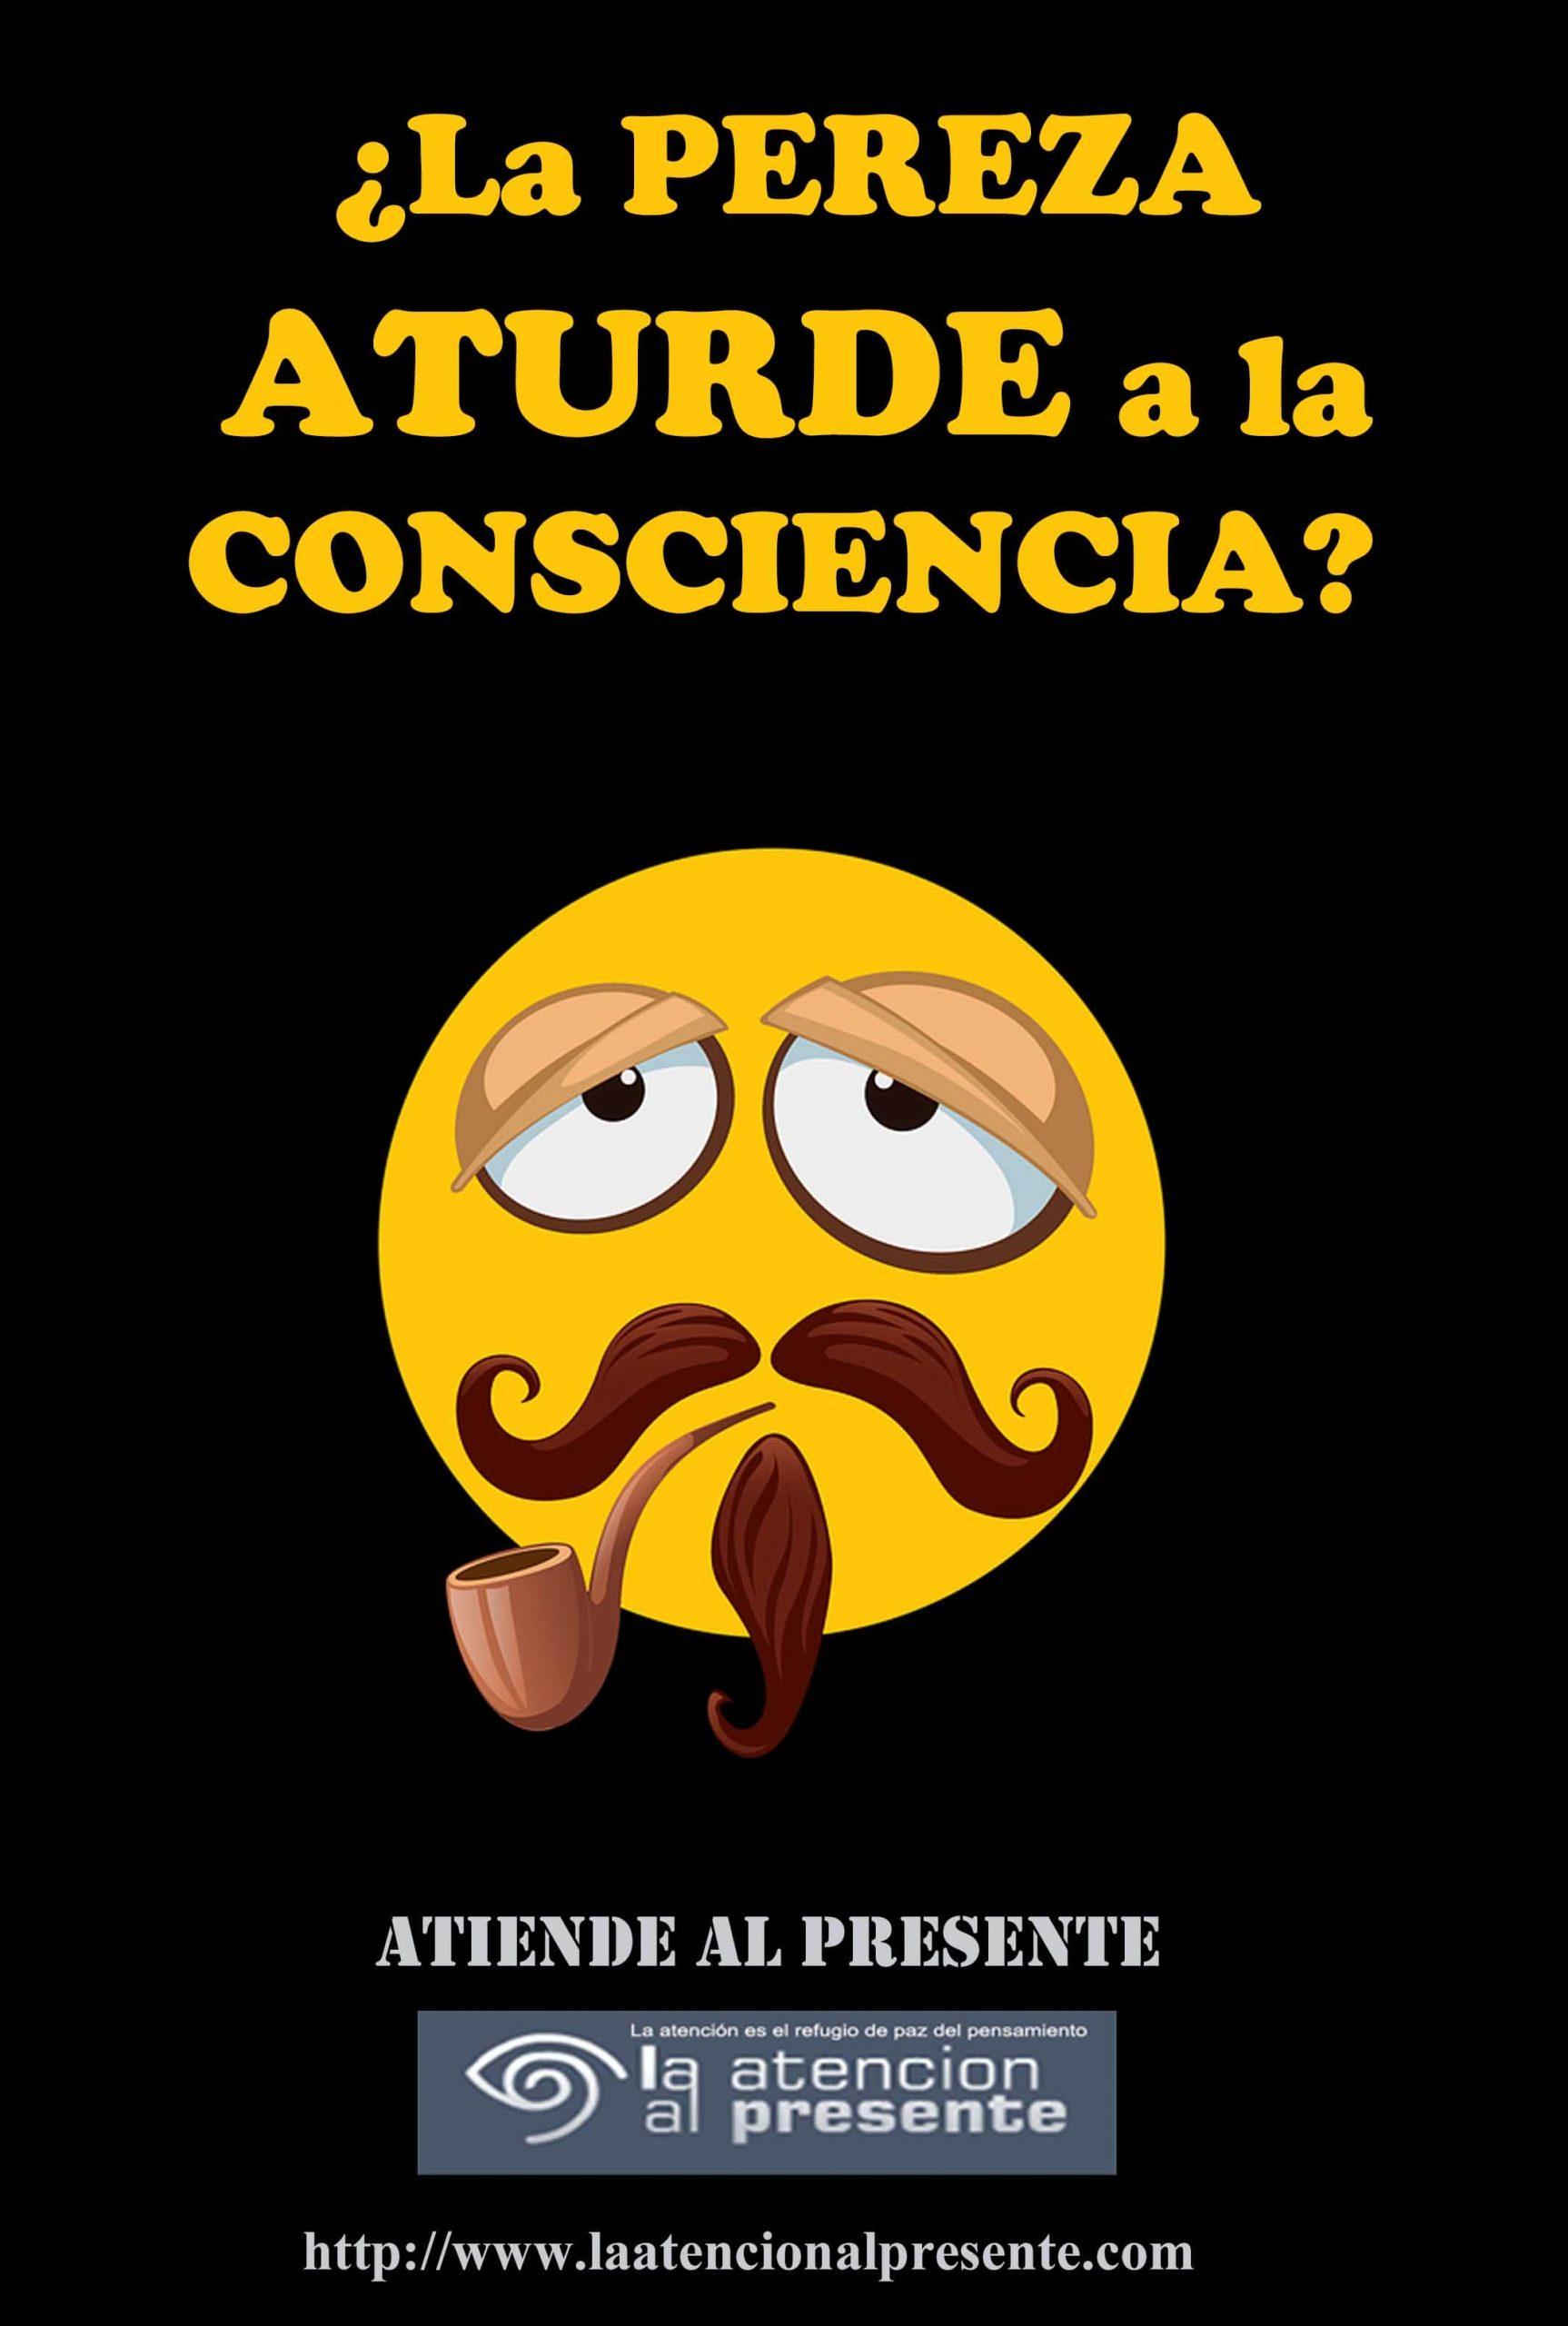 13 de mayo Esteban La PEREZA ATURDE a la CONSCIENCIA min scaled